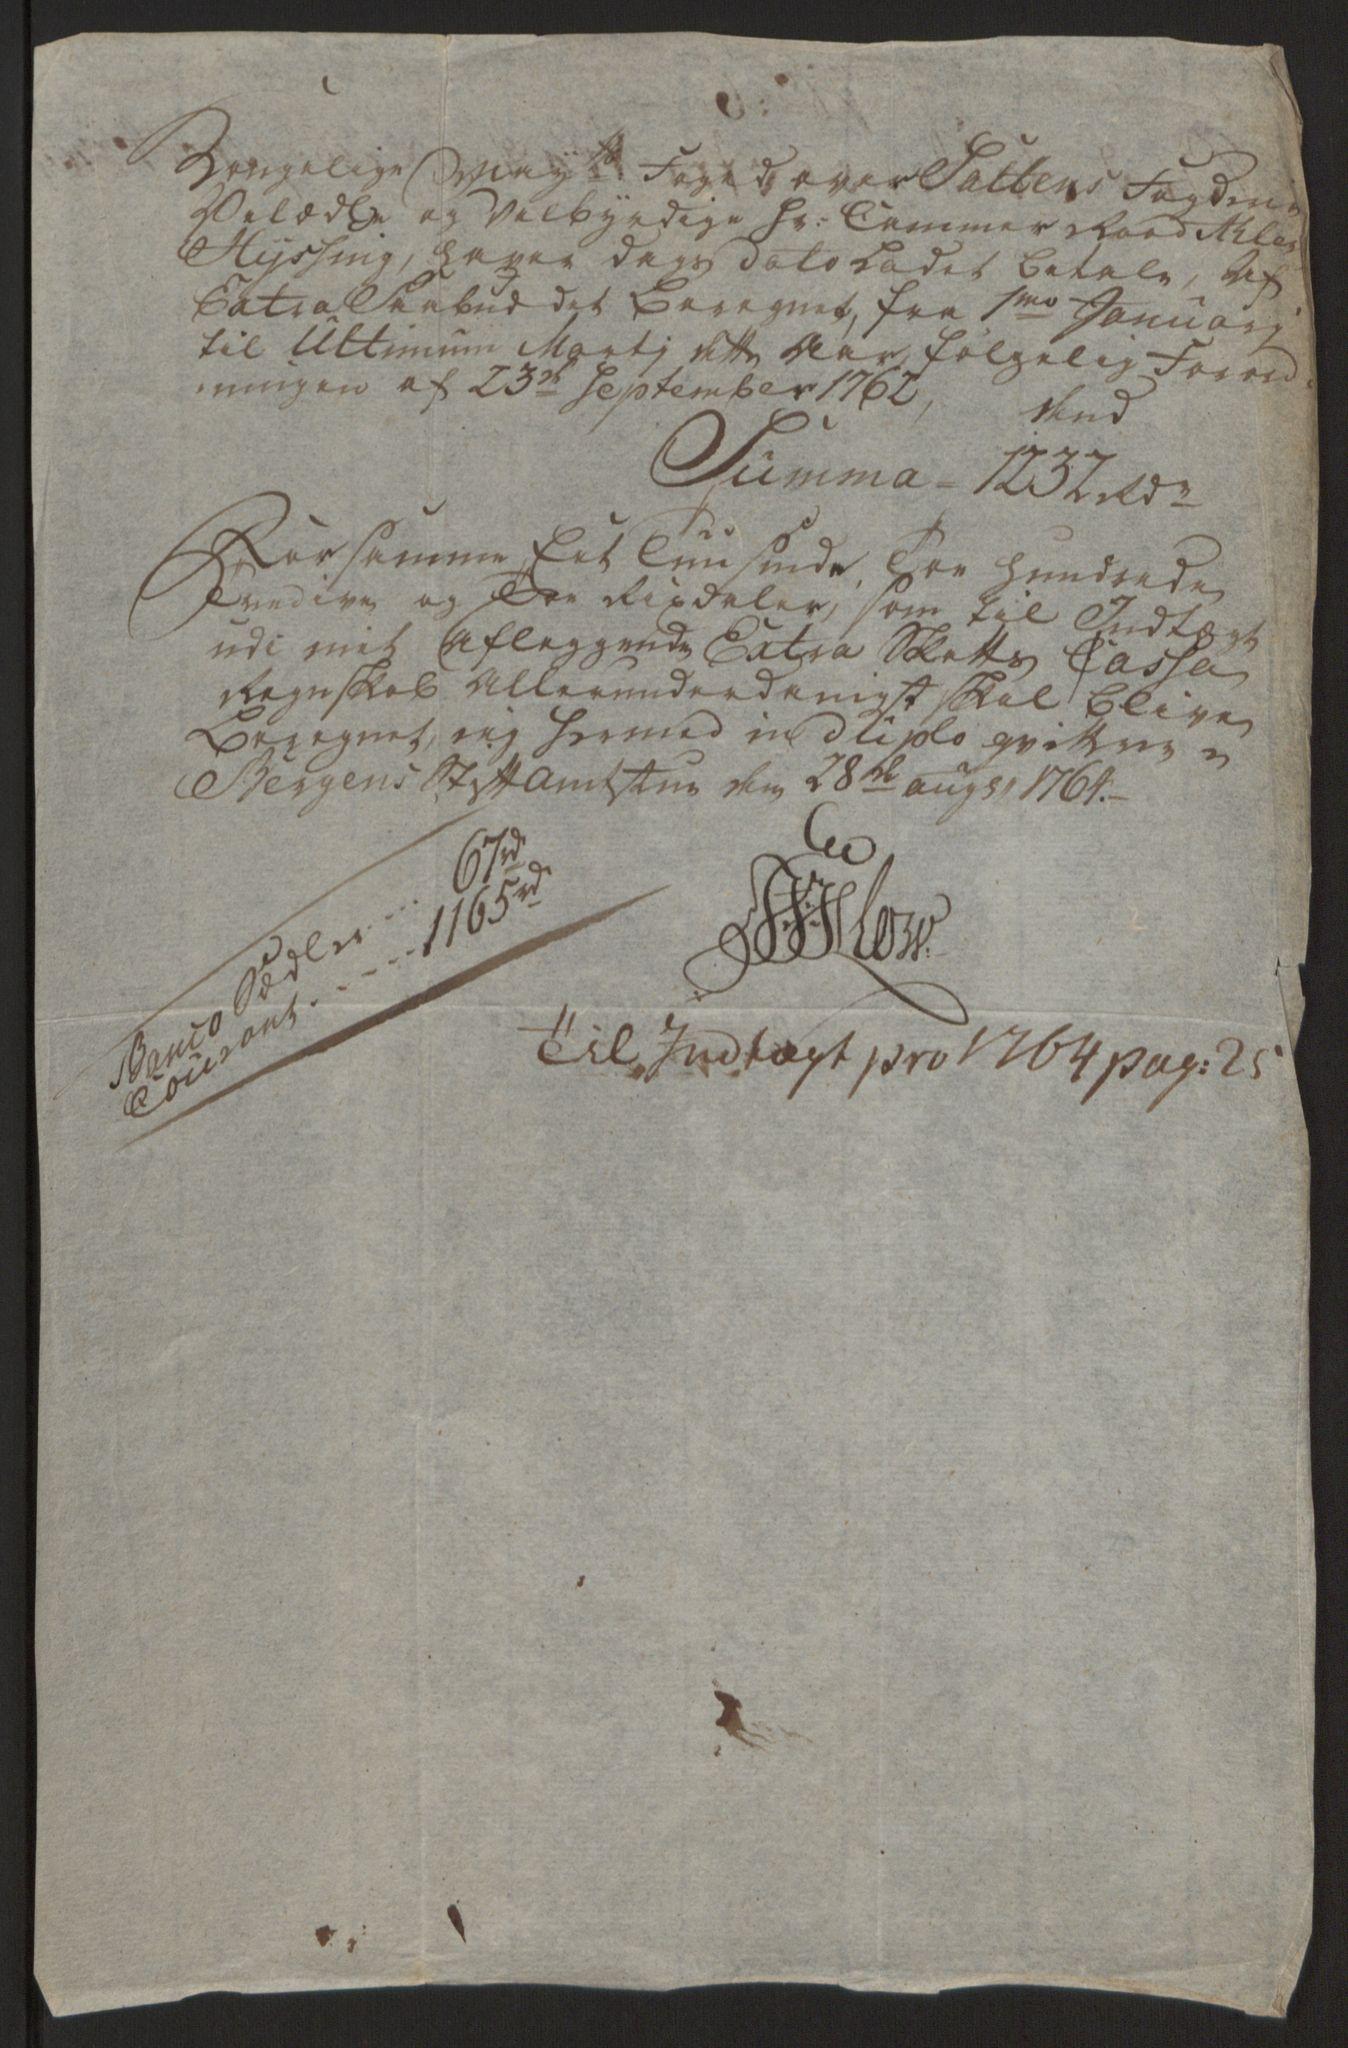 RA, Rentekammeret inntil 1814, Reviderte regnskaper, Fogderegnskap, R66/L4670: Ekstraskatten Salten, 1762-1764, s. 399